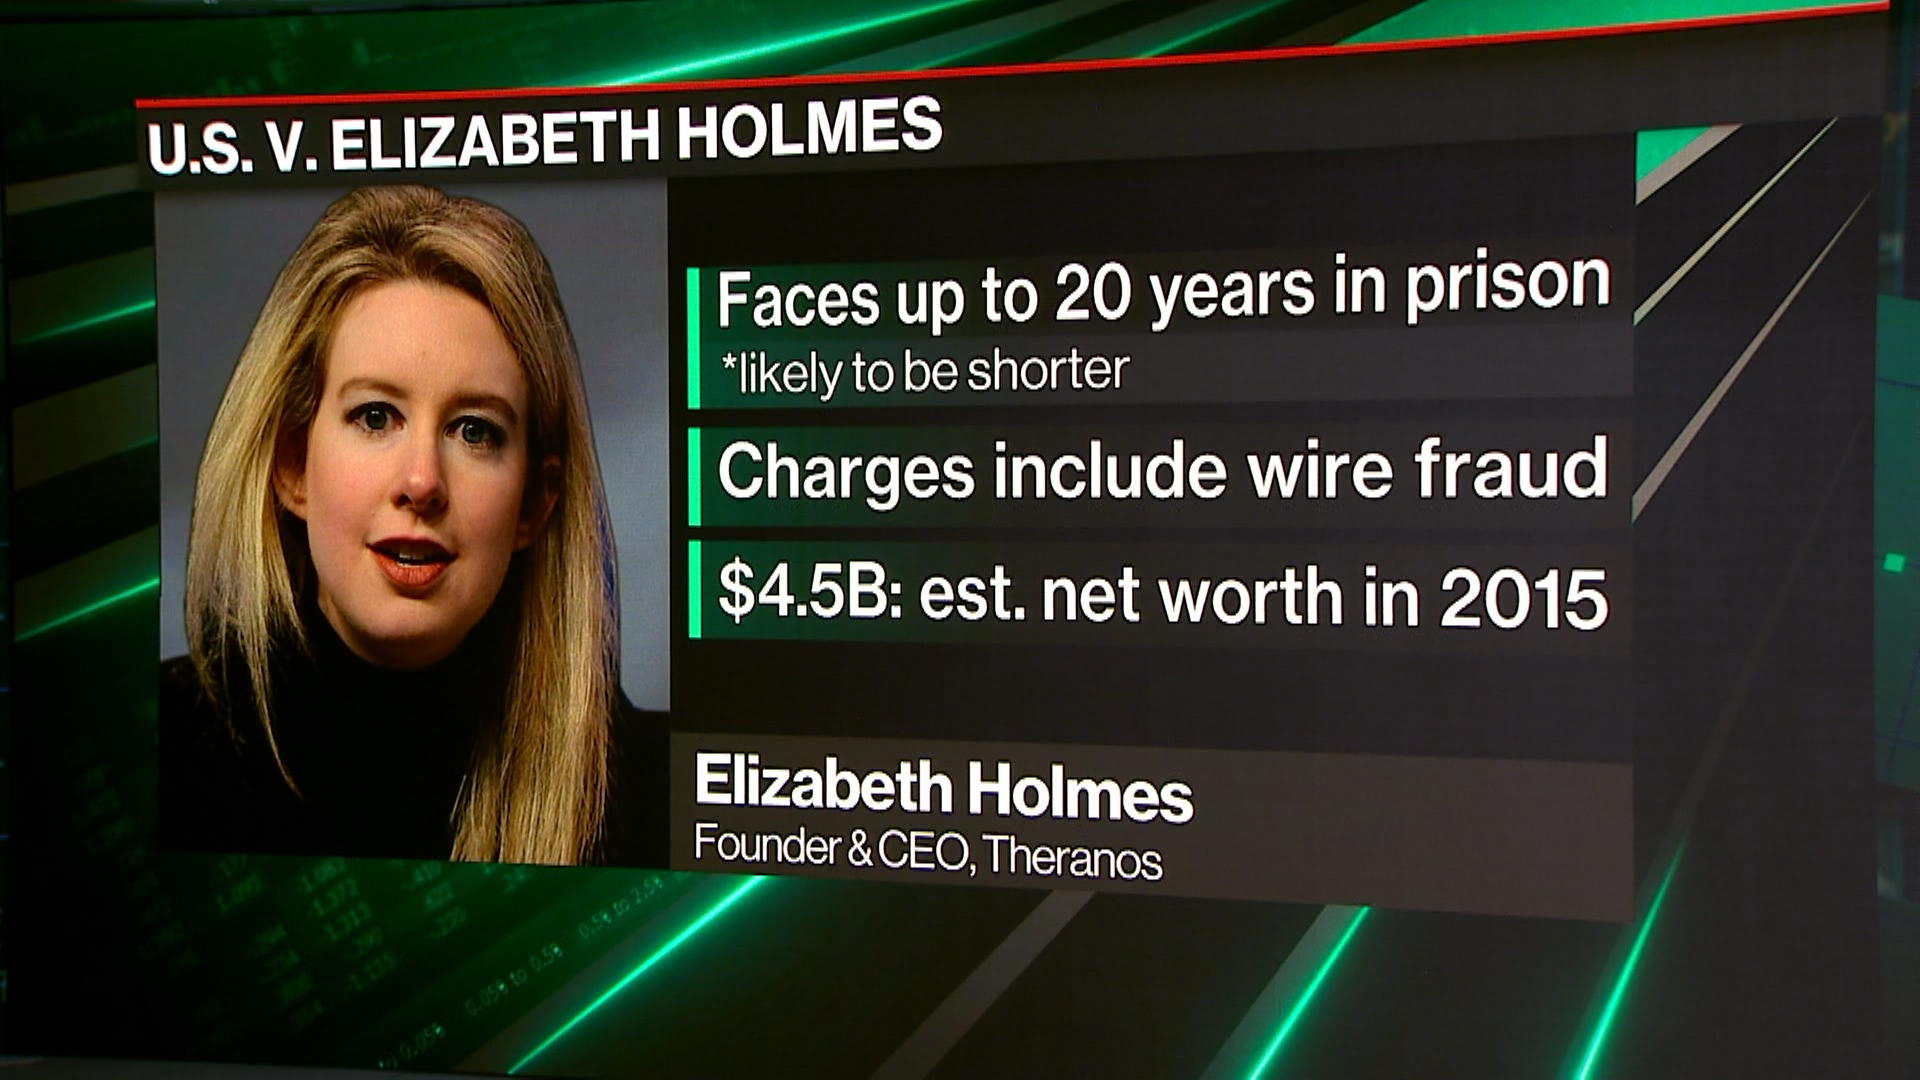 Elizabeth Holmes Should Be Held Accountable: Ellen Pao